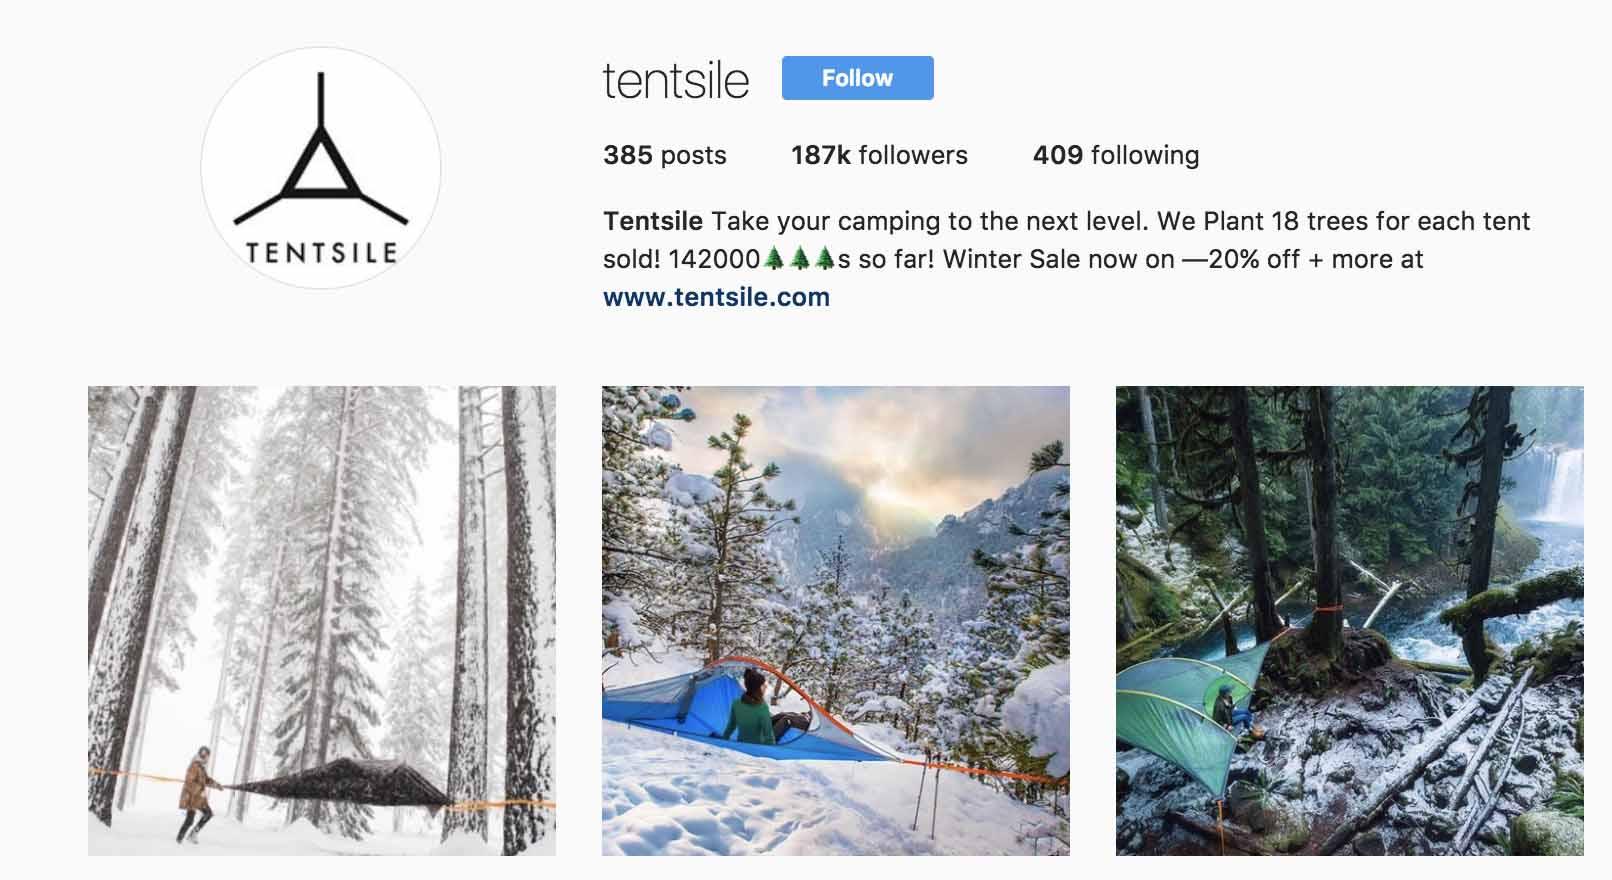 instagram-bio-ideas-tentsile